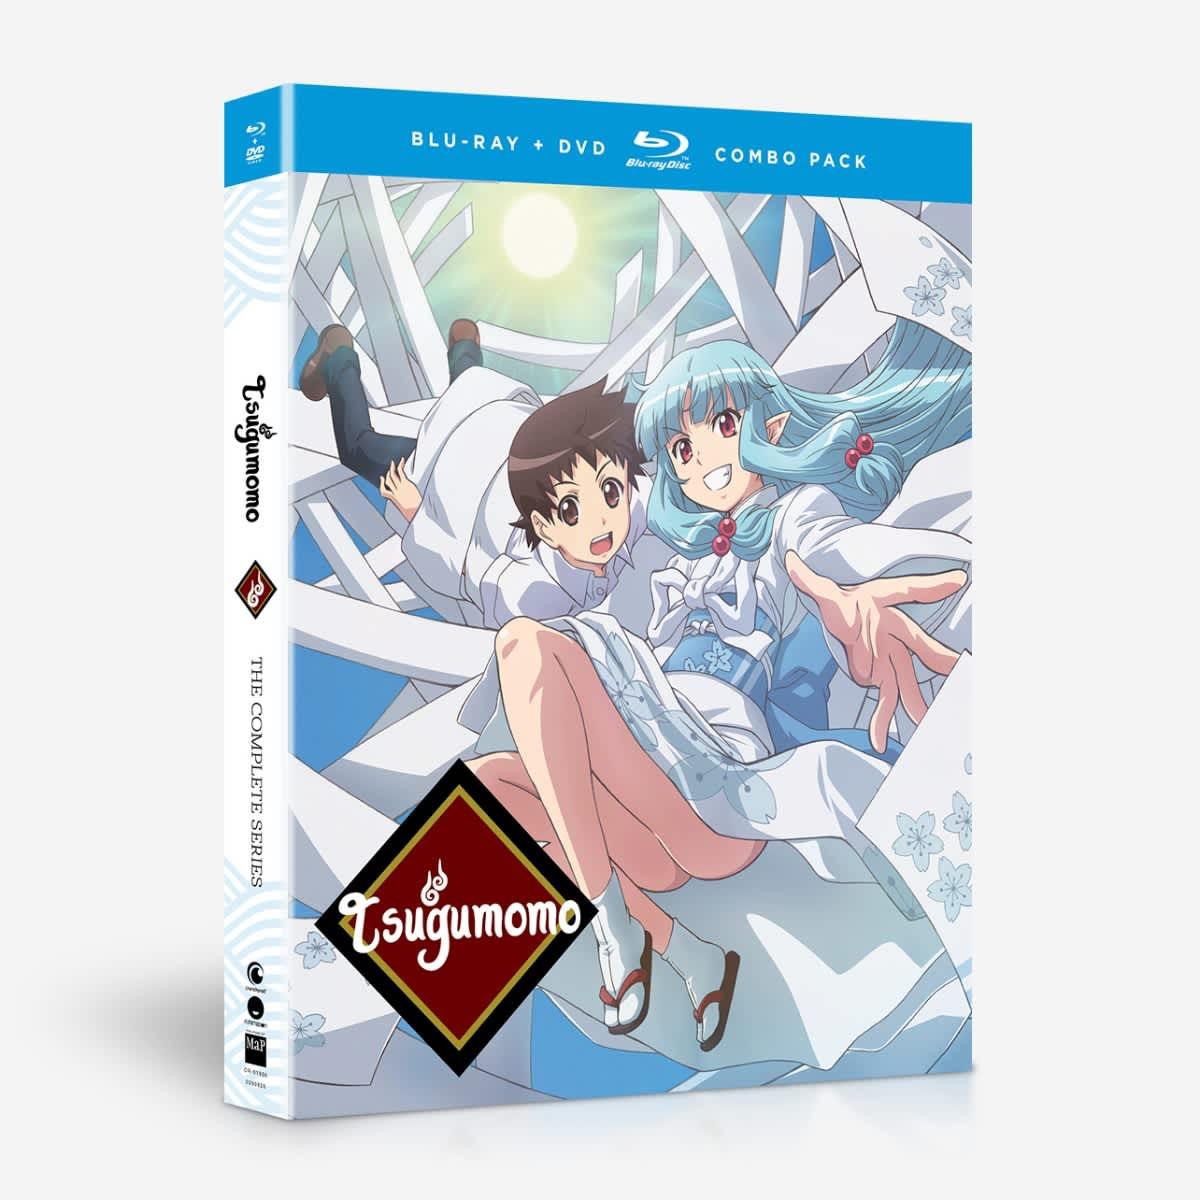 Tsugumomo Blu-ray/DVD